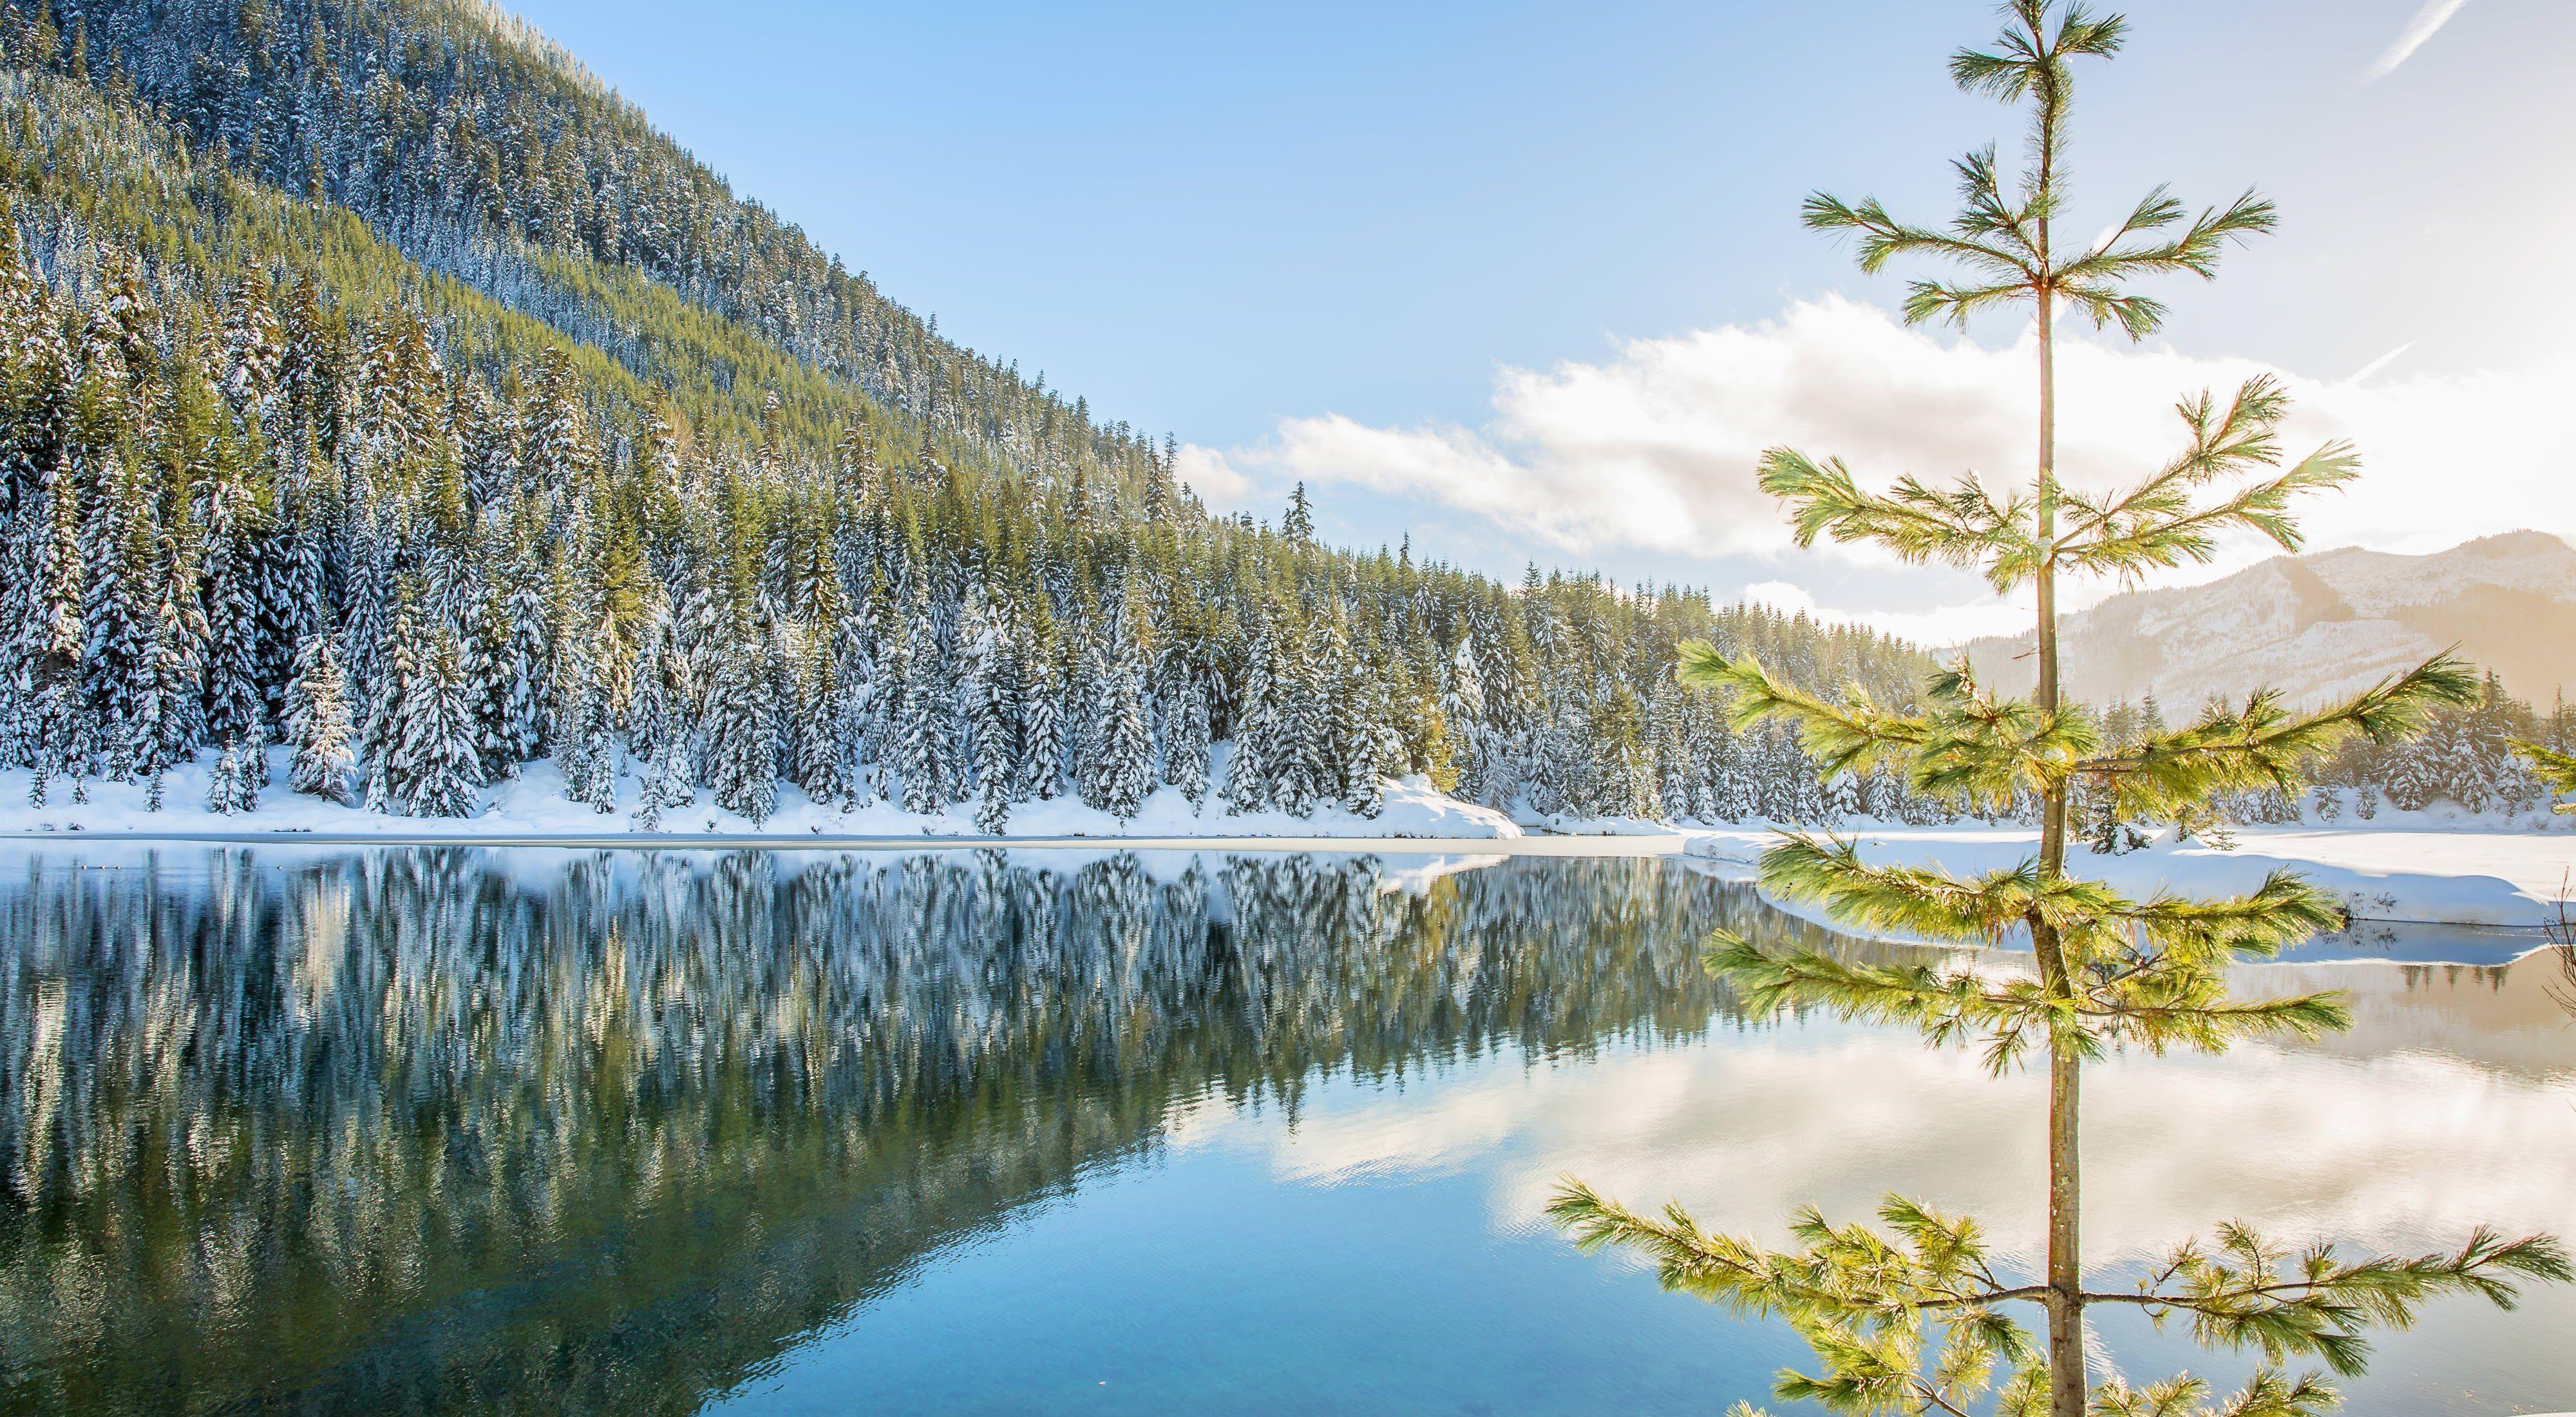 Bosque Siempreverde reflejado en estanque.